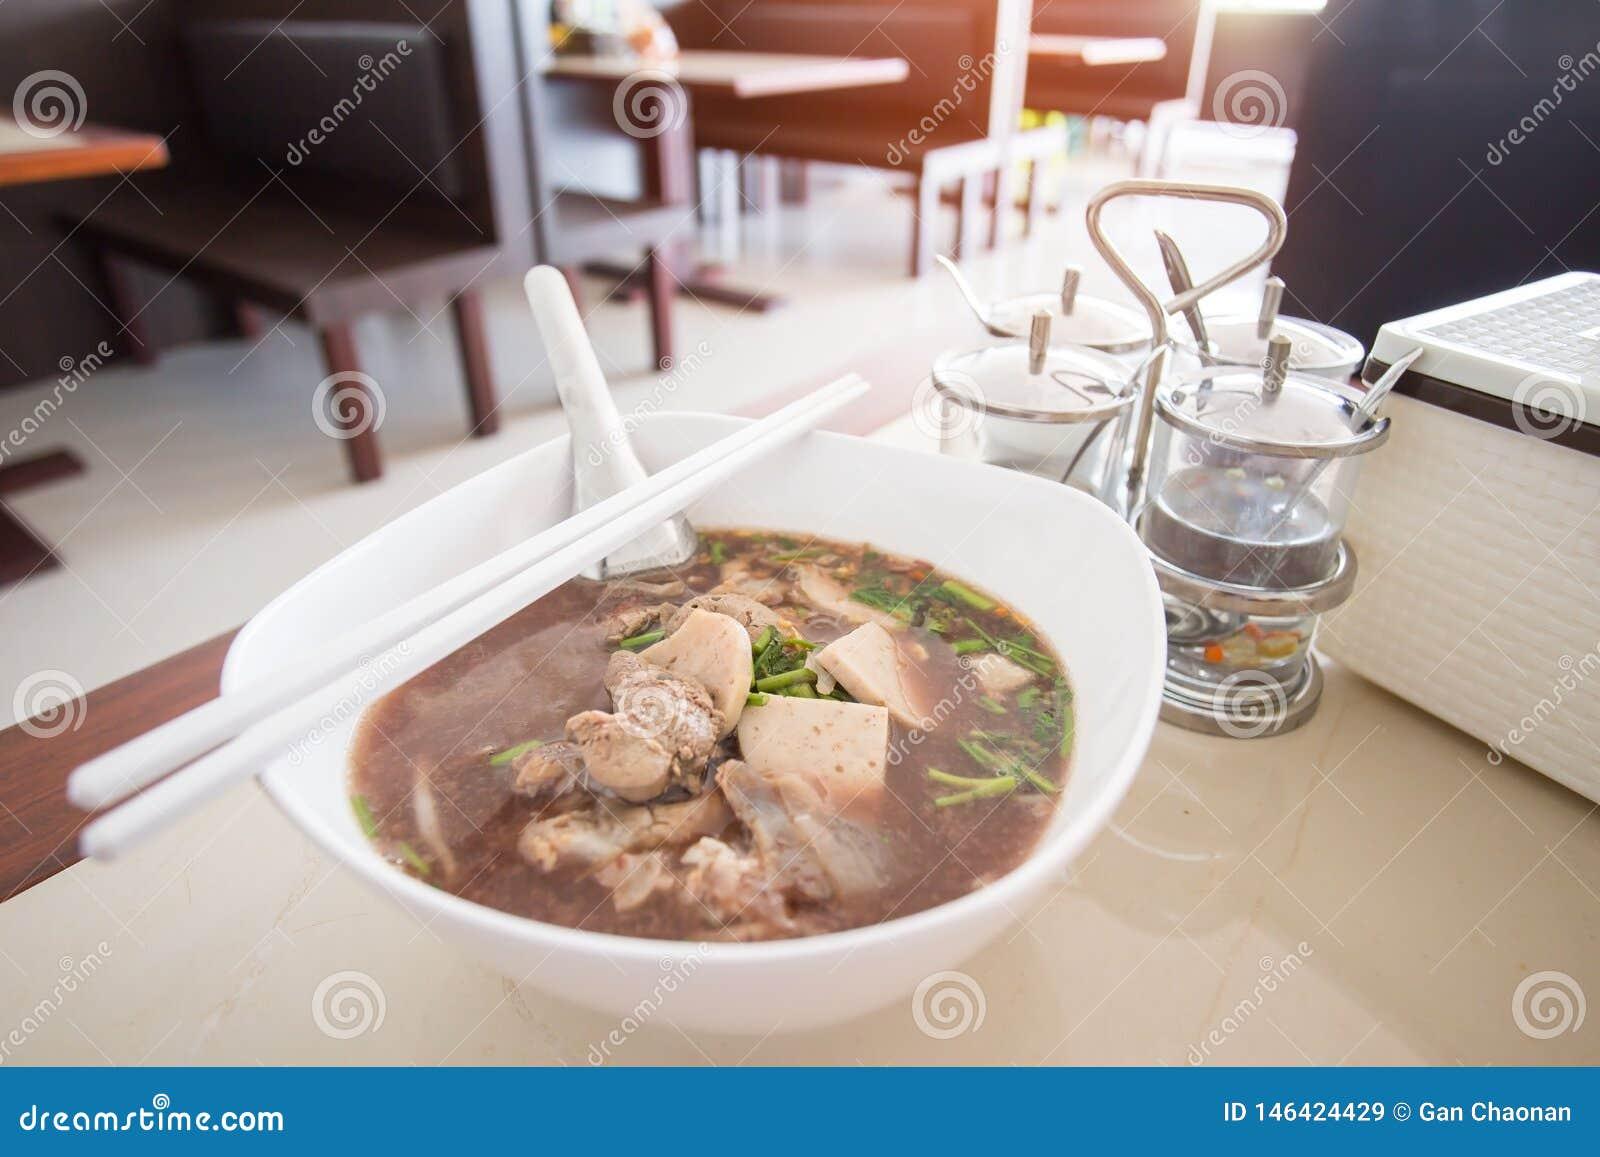 Νουντλς βαρκών Ayutthaya: Τα νουντλς χοιρινού κρέατος που αναμιγνύονται με το αίμα του χοίρου διαλύουν στη σούπα